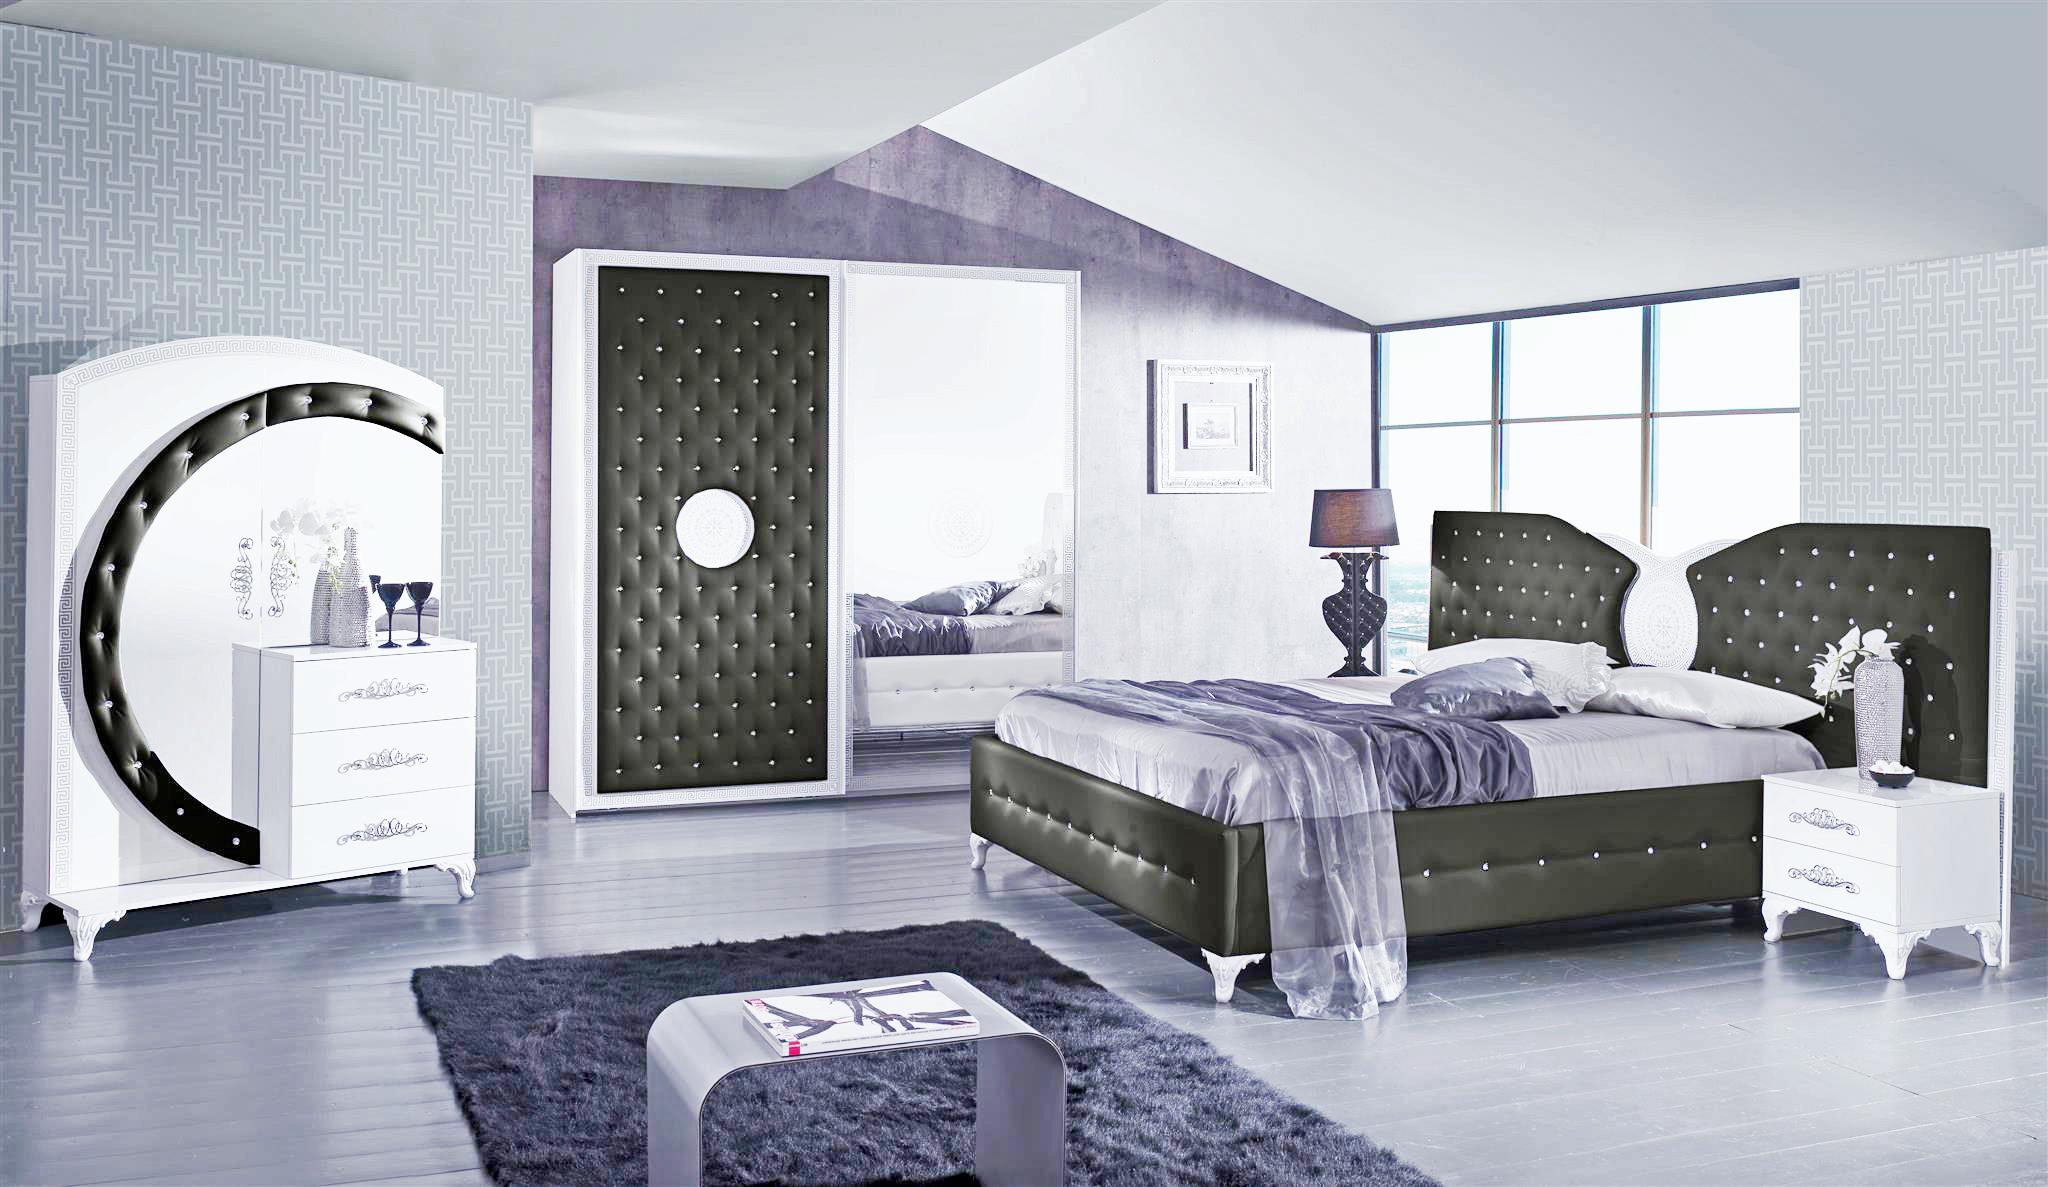 Schon Das Bild Wird Geladen Schlafzimmer Anatalia In Schwarz Weiss Luxus Design